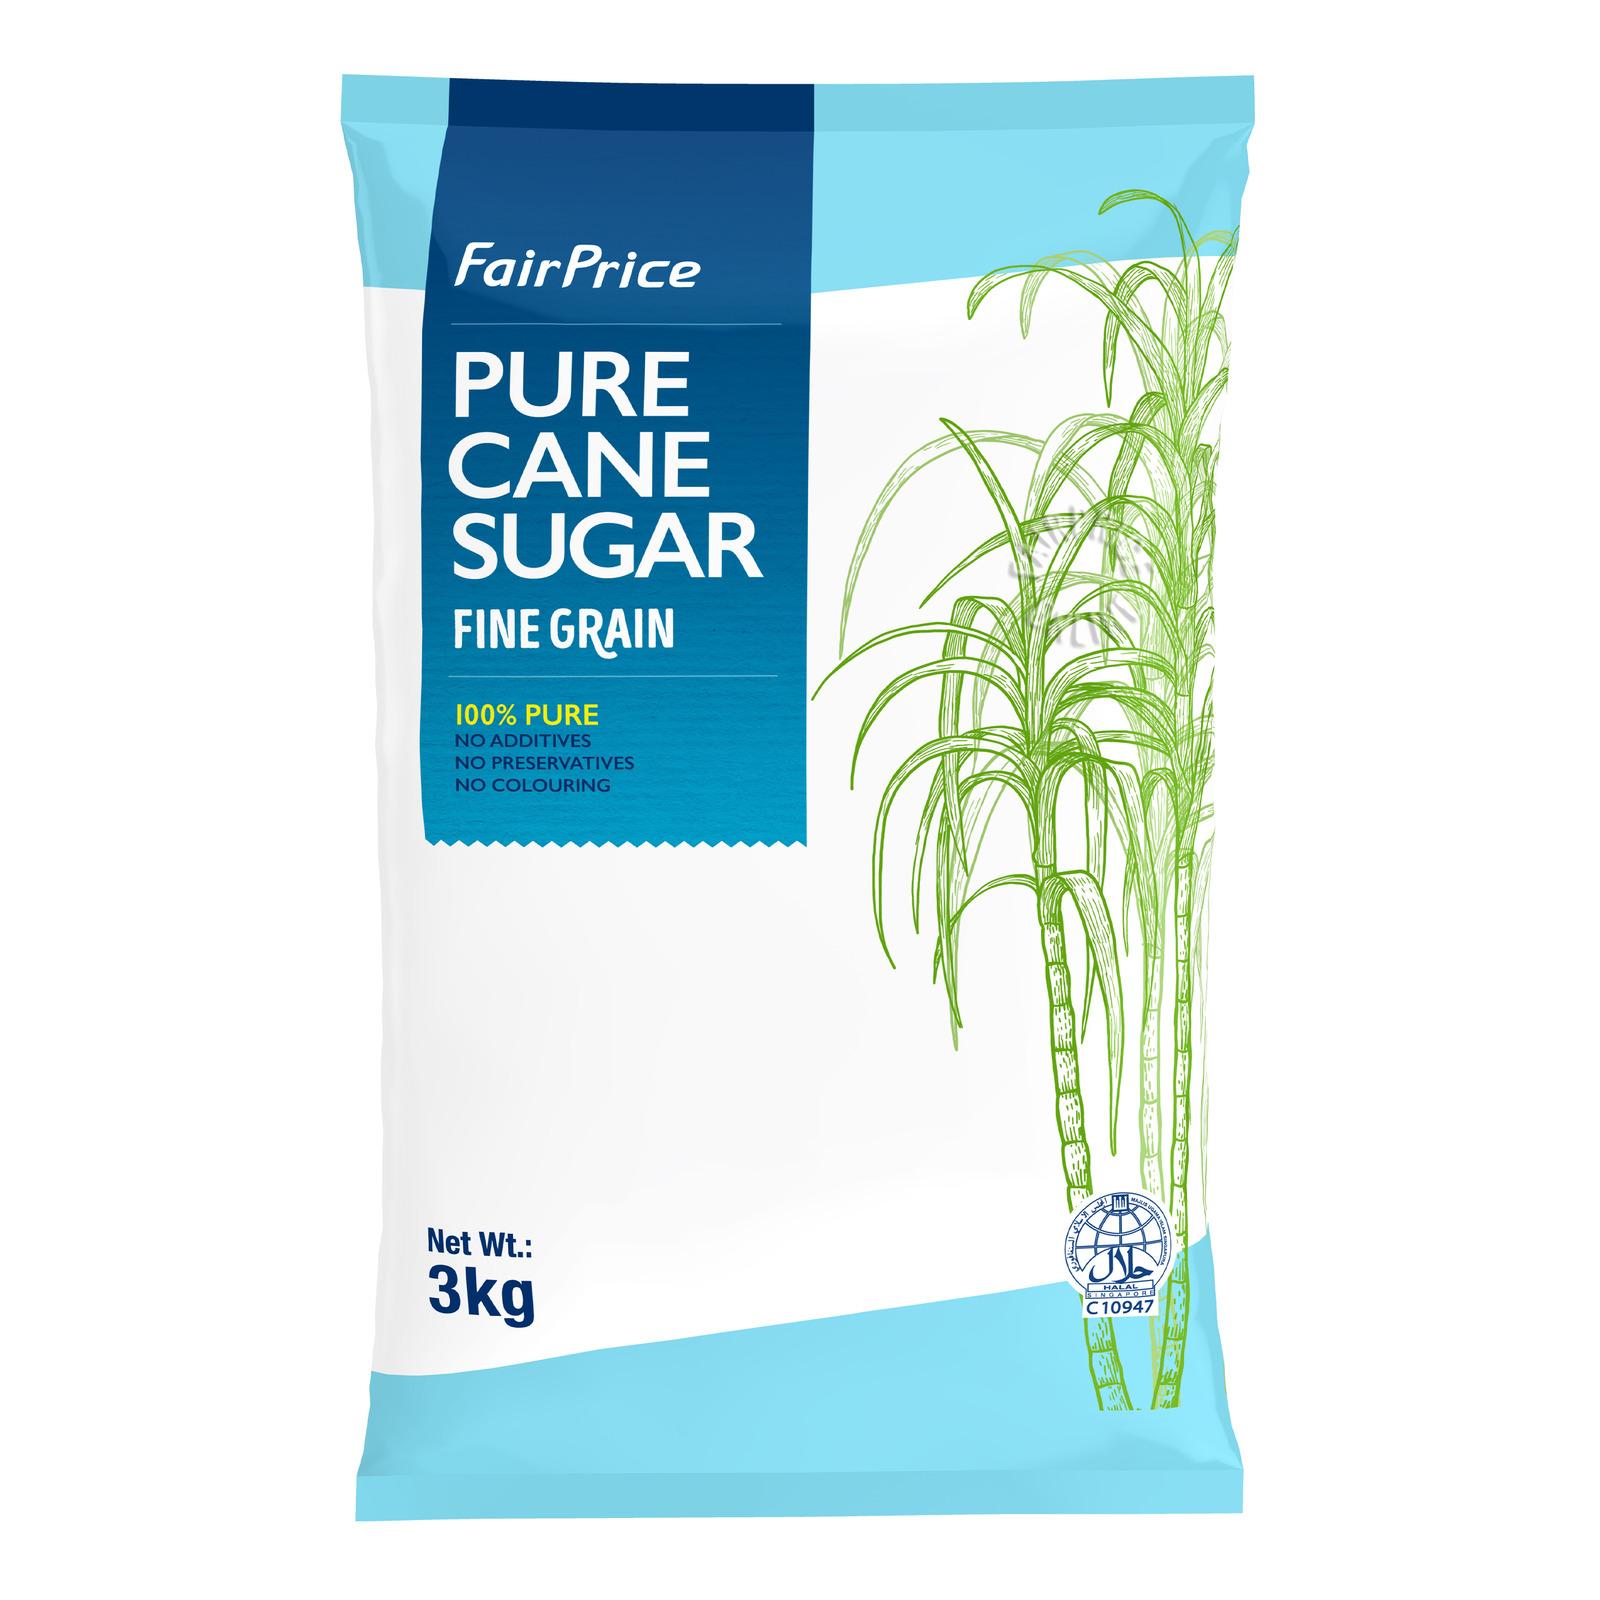 FairPrice Pure Cane Sugar - Fine Grain